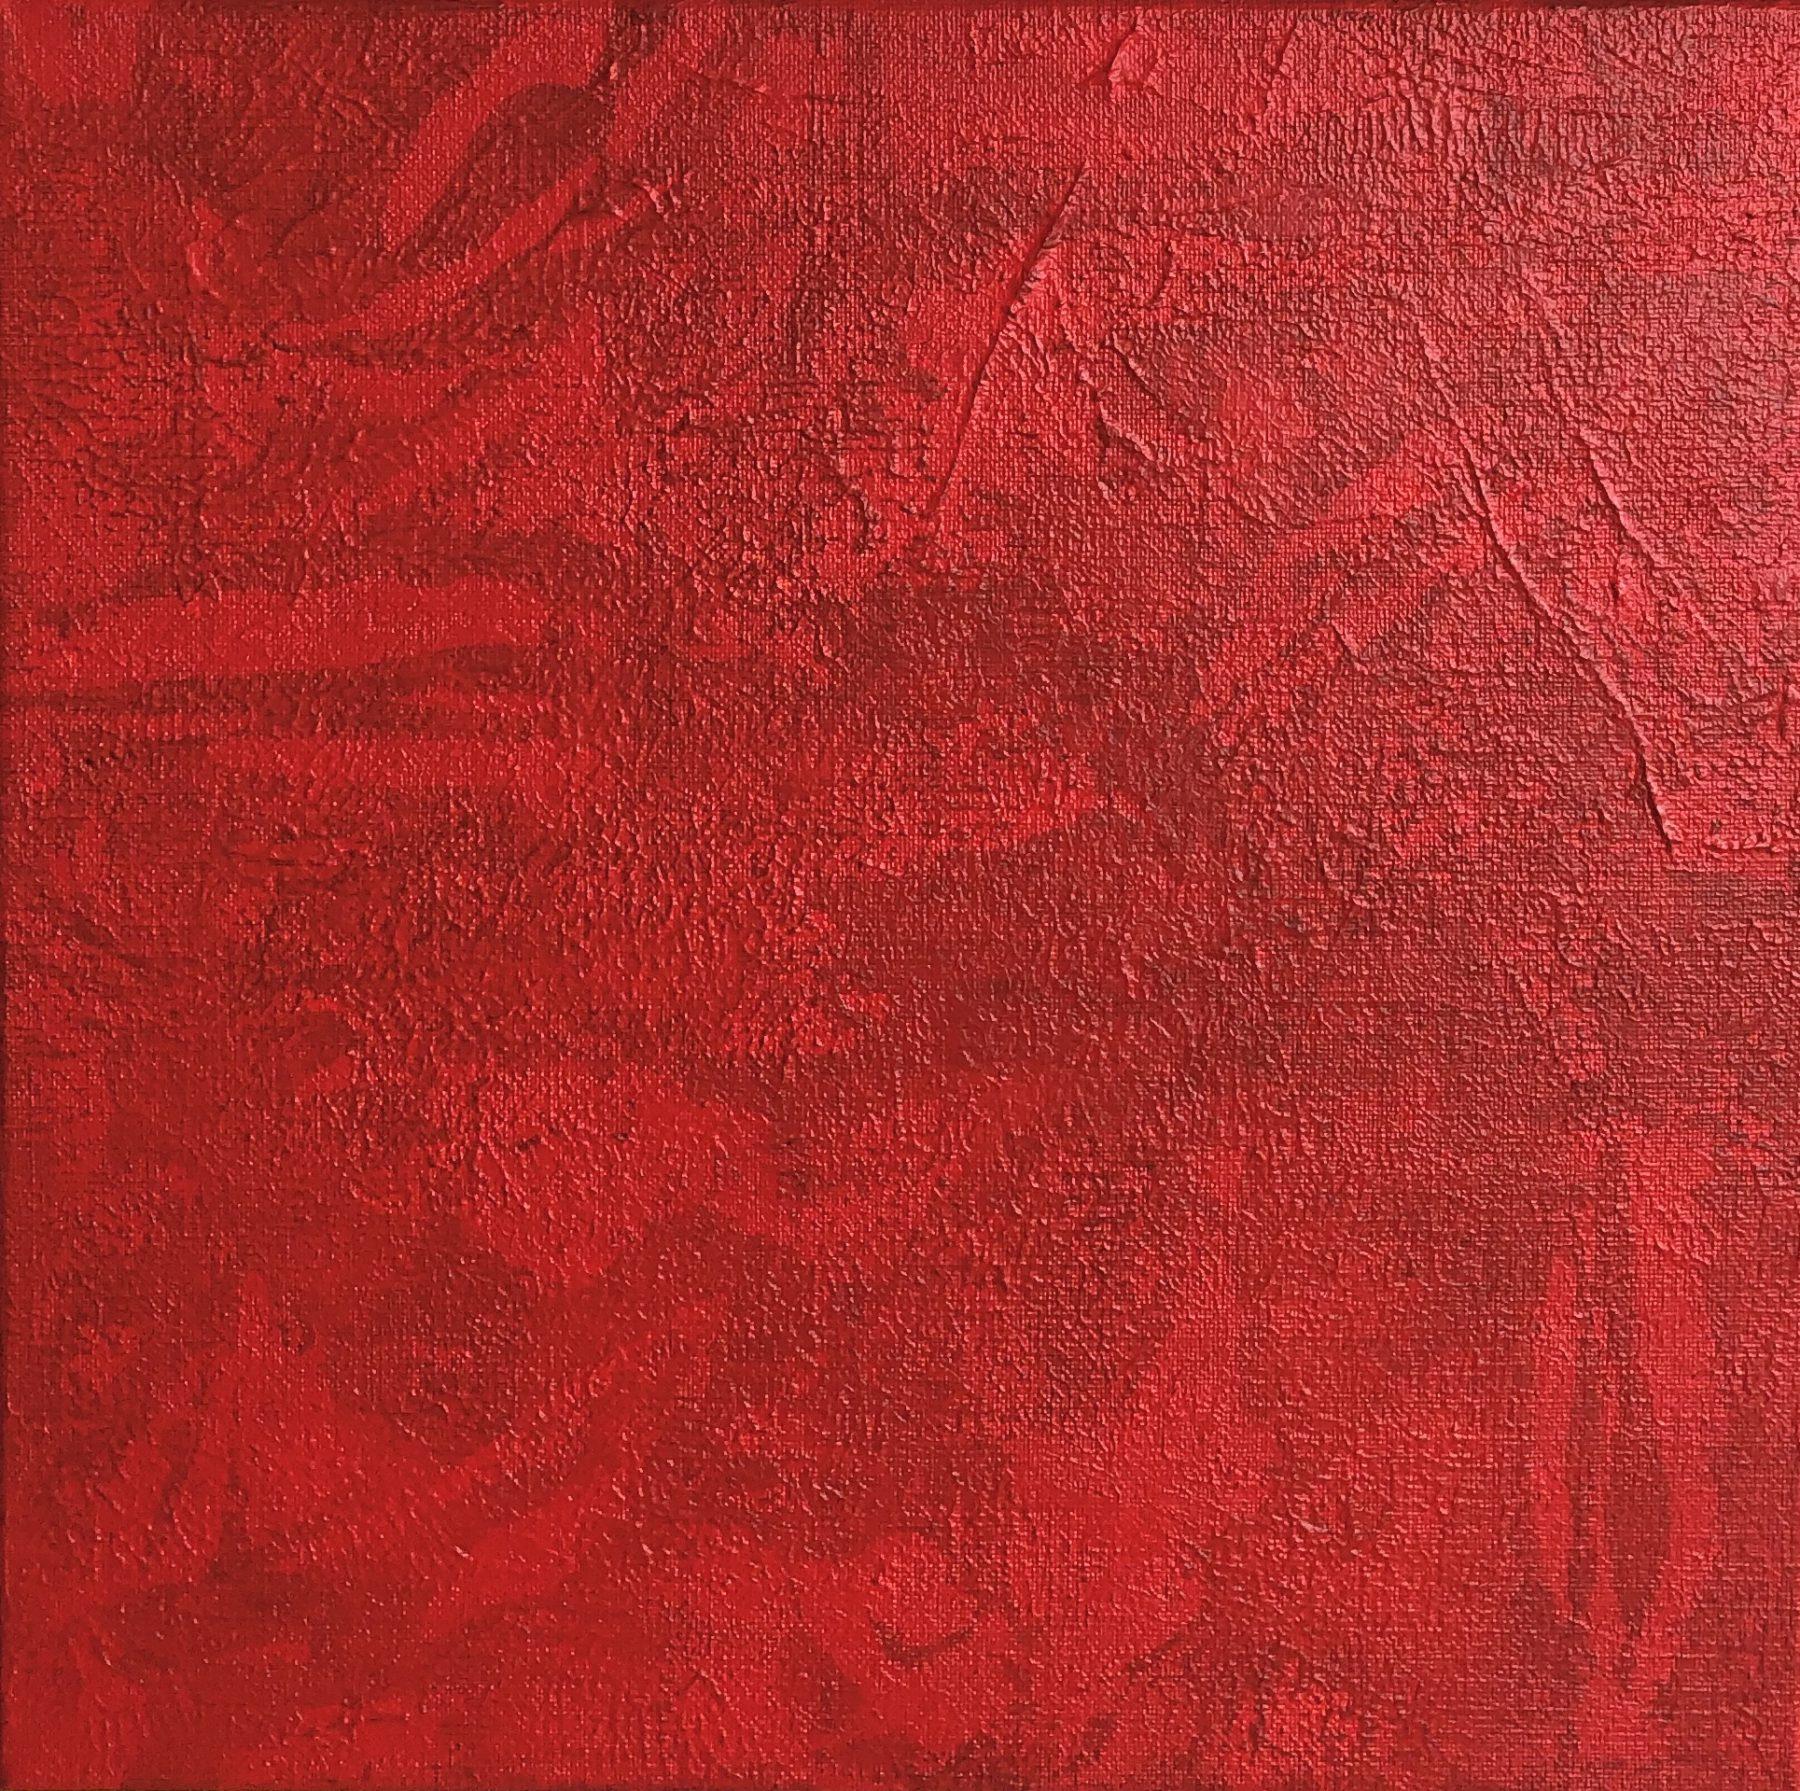 alexandra de grave peinture painting